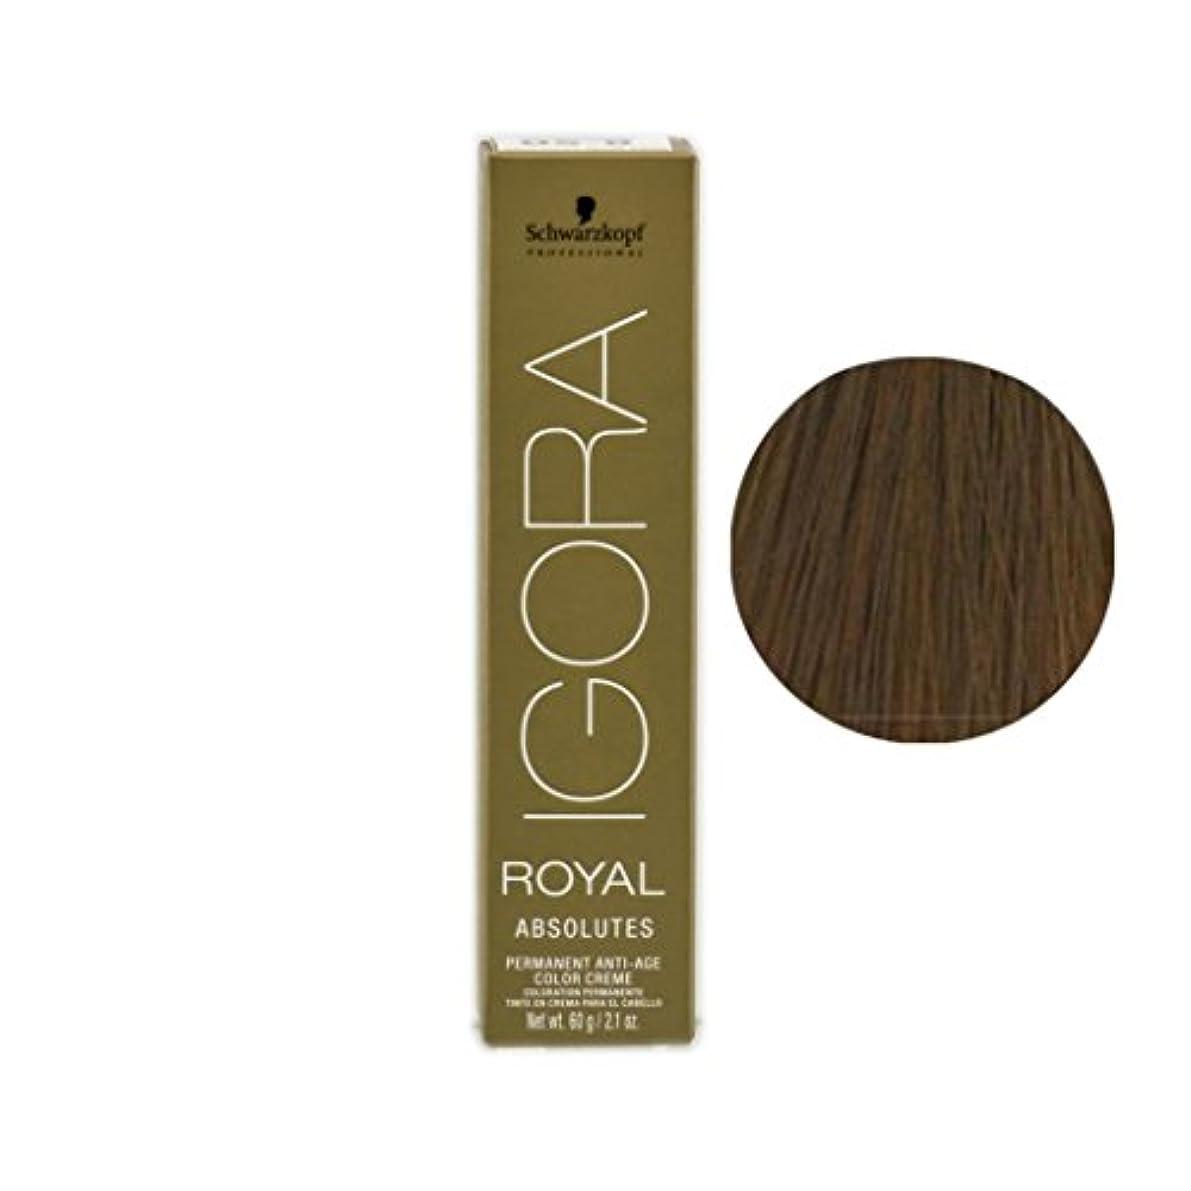 リダクター値するタイマーSchwarzkopf プロフェッショナルIGORAロイヤルアブソリュート髪の色、 9-56、エクストラライトブロンドゴールドチョコレート